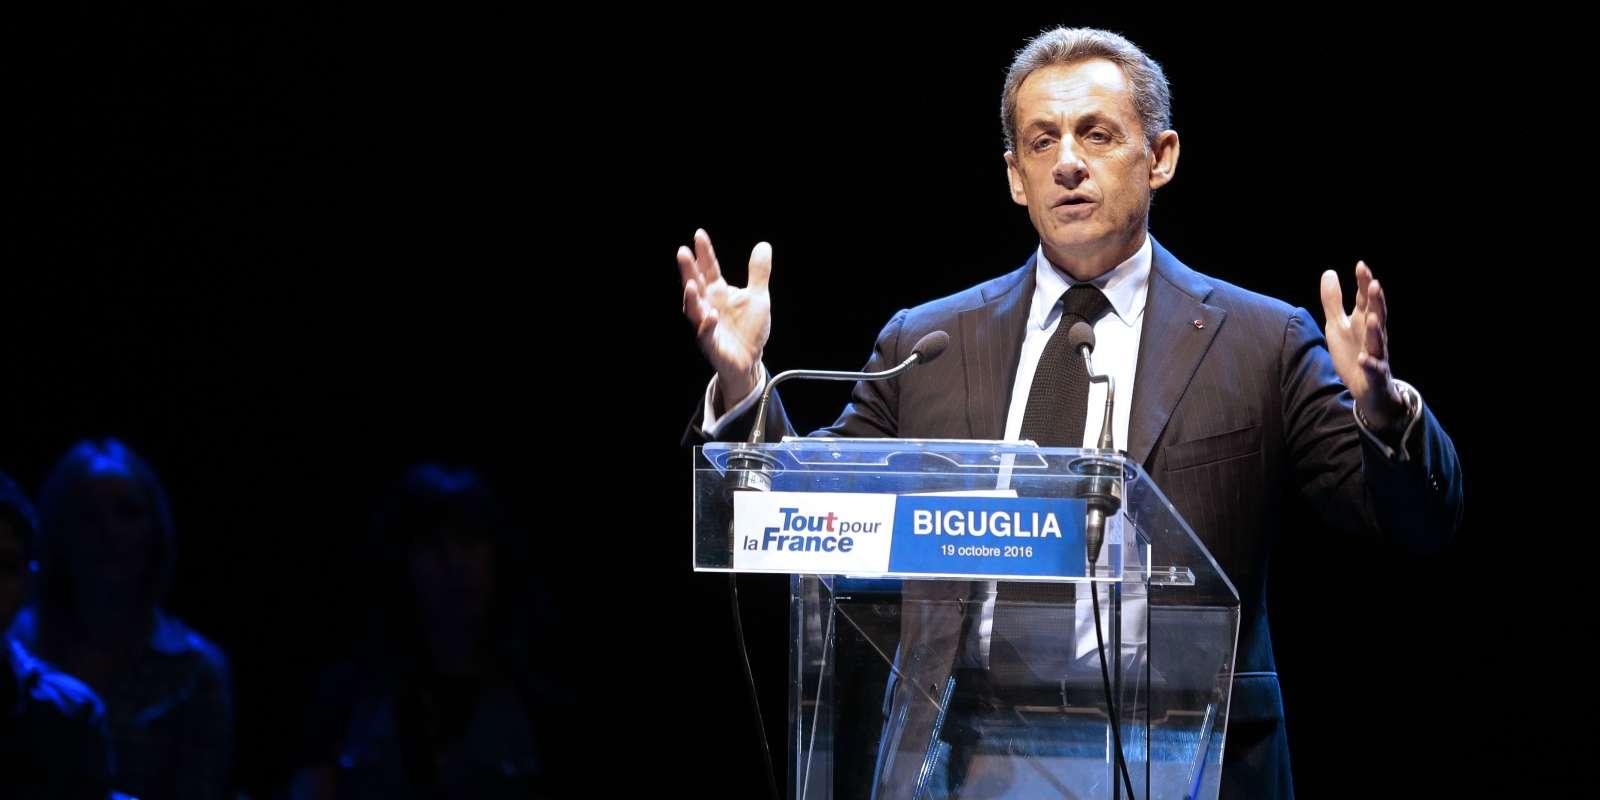 Nicolas Sarkozy en meeting à Biguglia, le 19 octobre.